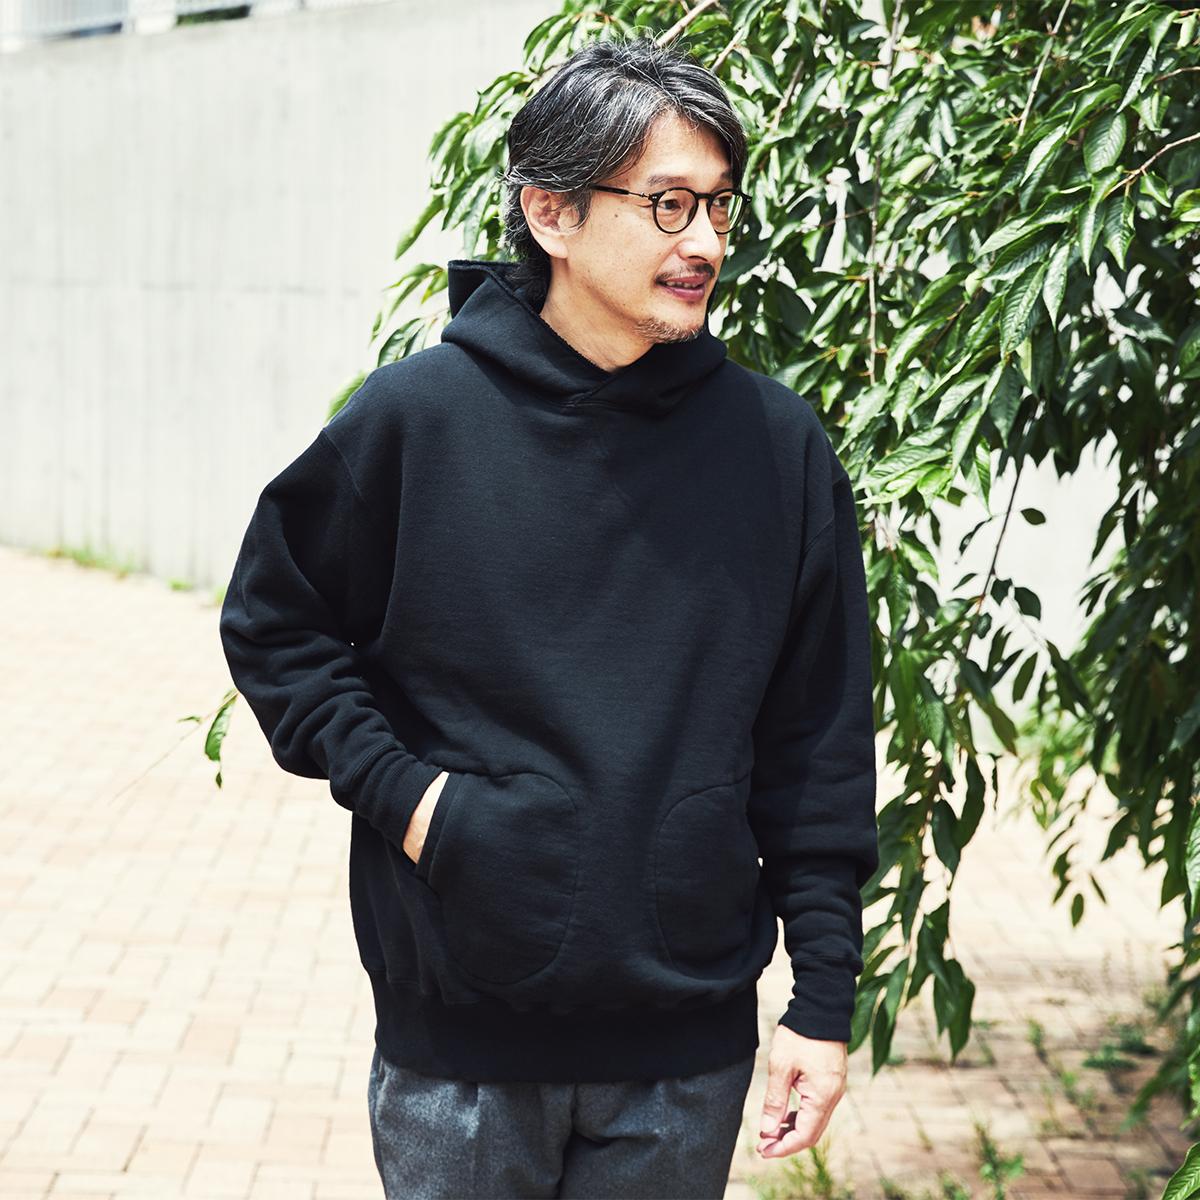 吊り編み機によって、ゆっくりと丹念に編み上げることで、手編みのようなふっくらとした風合いが生まれた。スポルディング社の名作から、現存していない「ブラック」をMade in Japanで「サイドラインパーカ/シングル」|A.G. Spalding & Bros